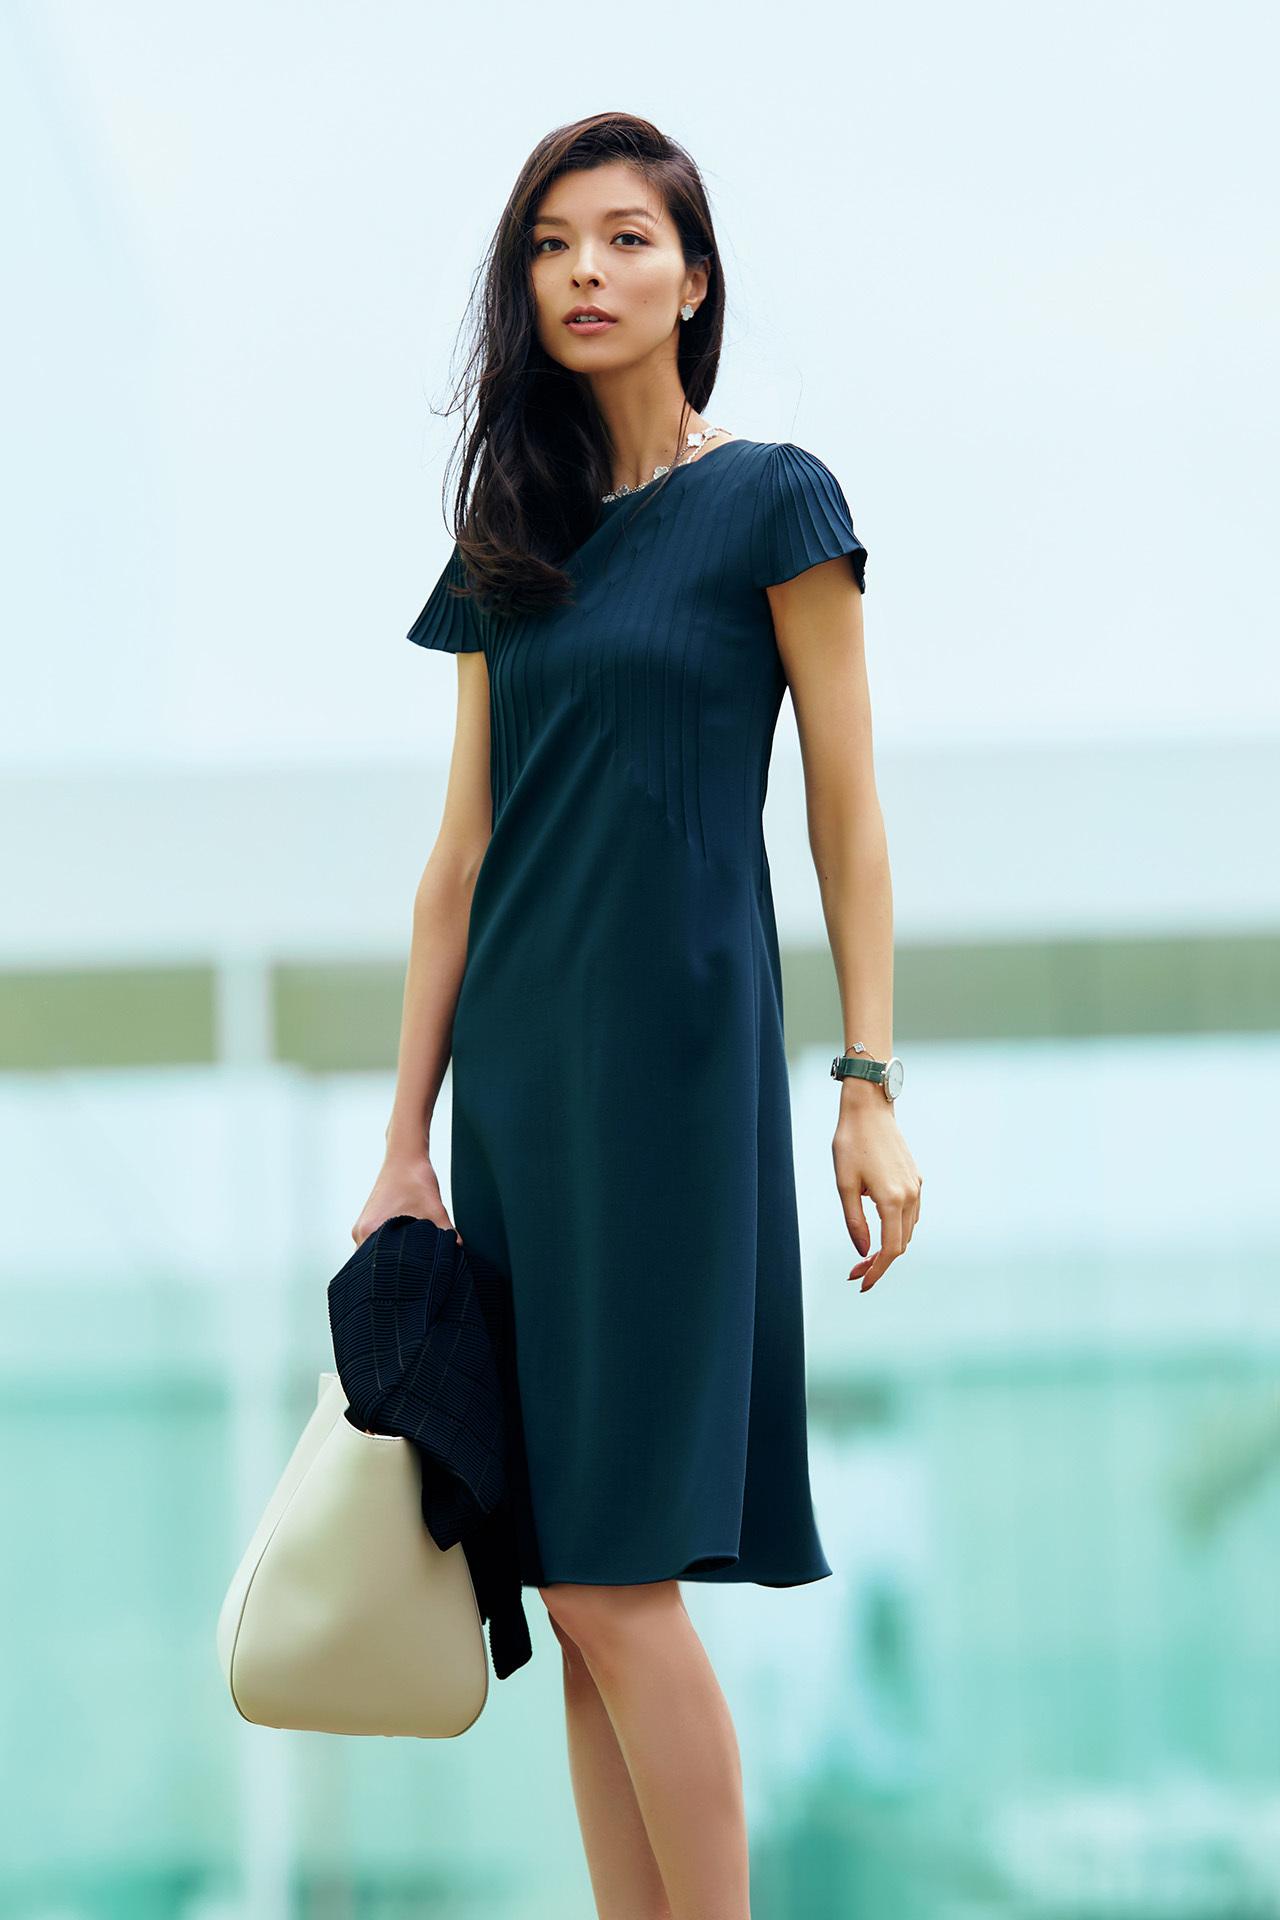 好印象、上品、しかも涼しい!袖つき限定、夏のビジネスワンピース 五選_1_1-1